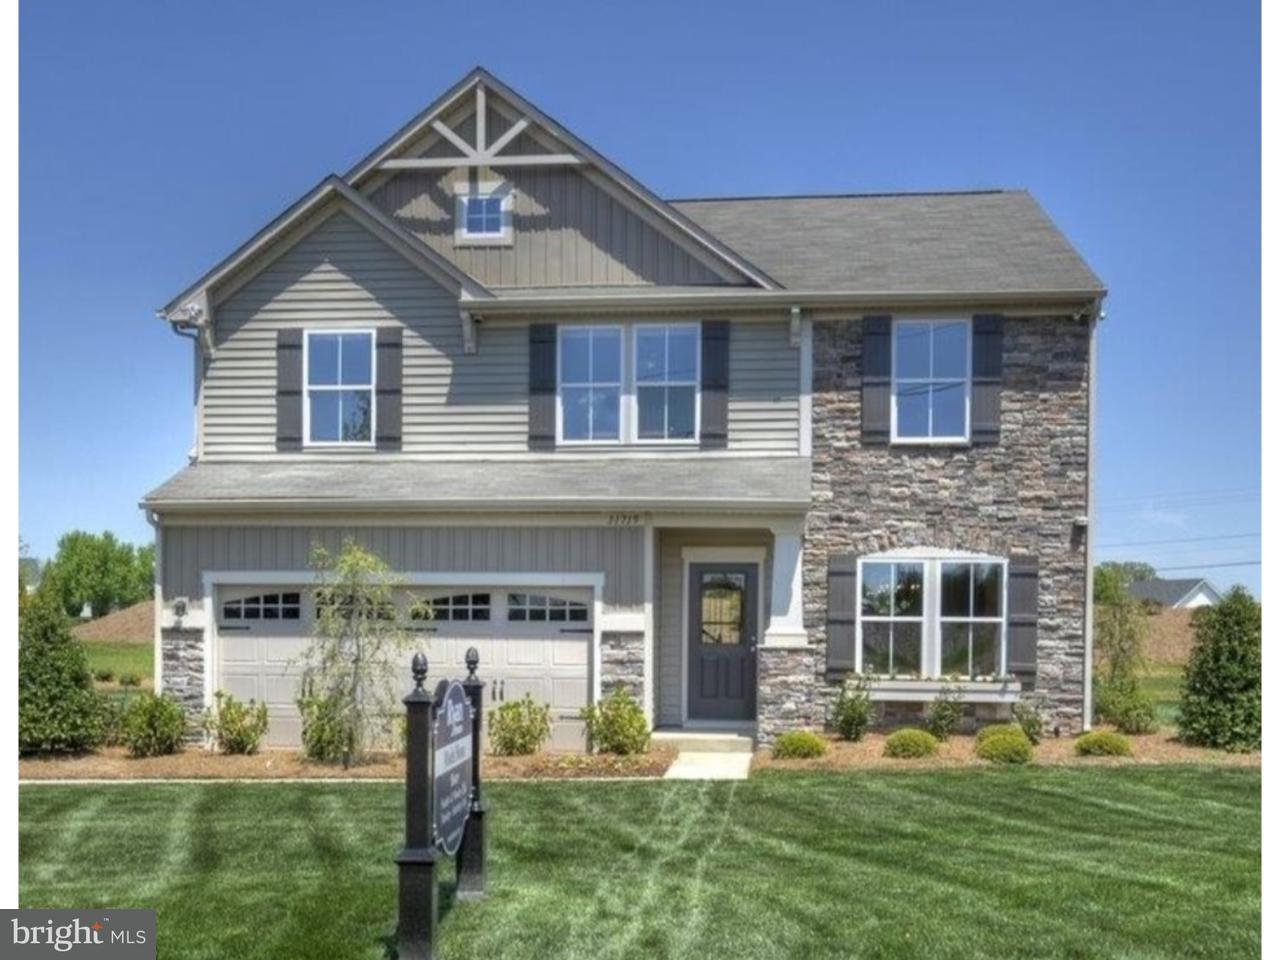 独户住宅 为 销售 在 5 EAST CROSSING Drive Mount Royal, 新泽西州 08061 美国